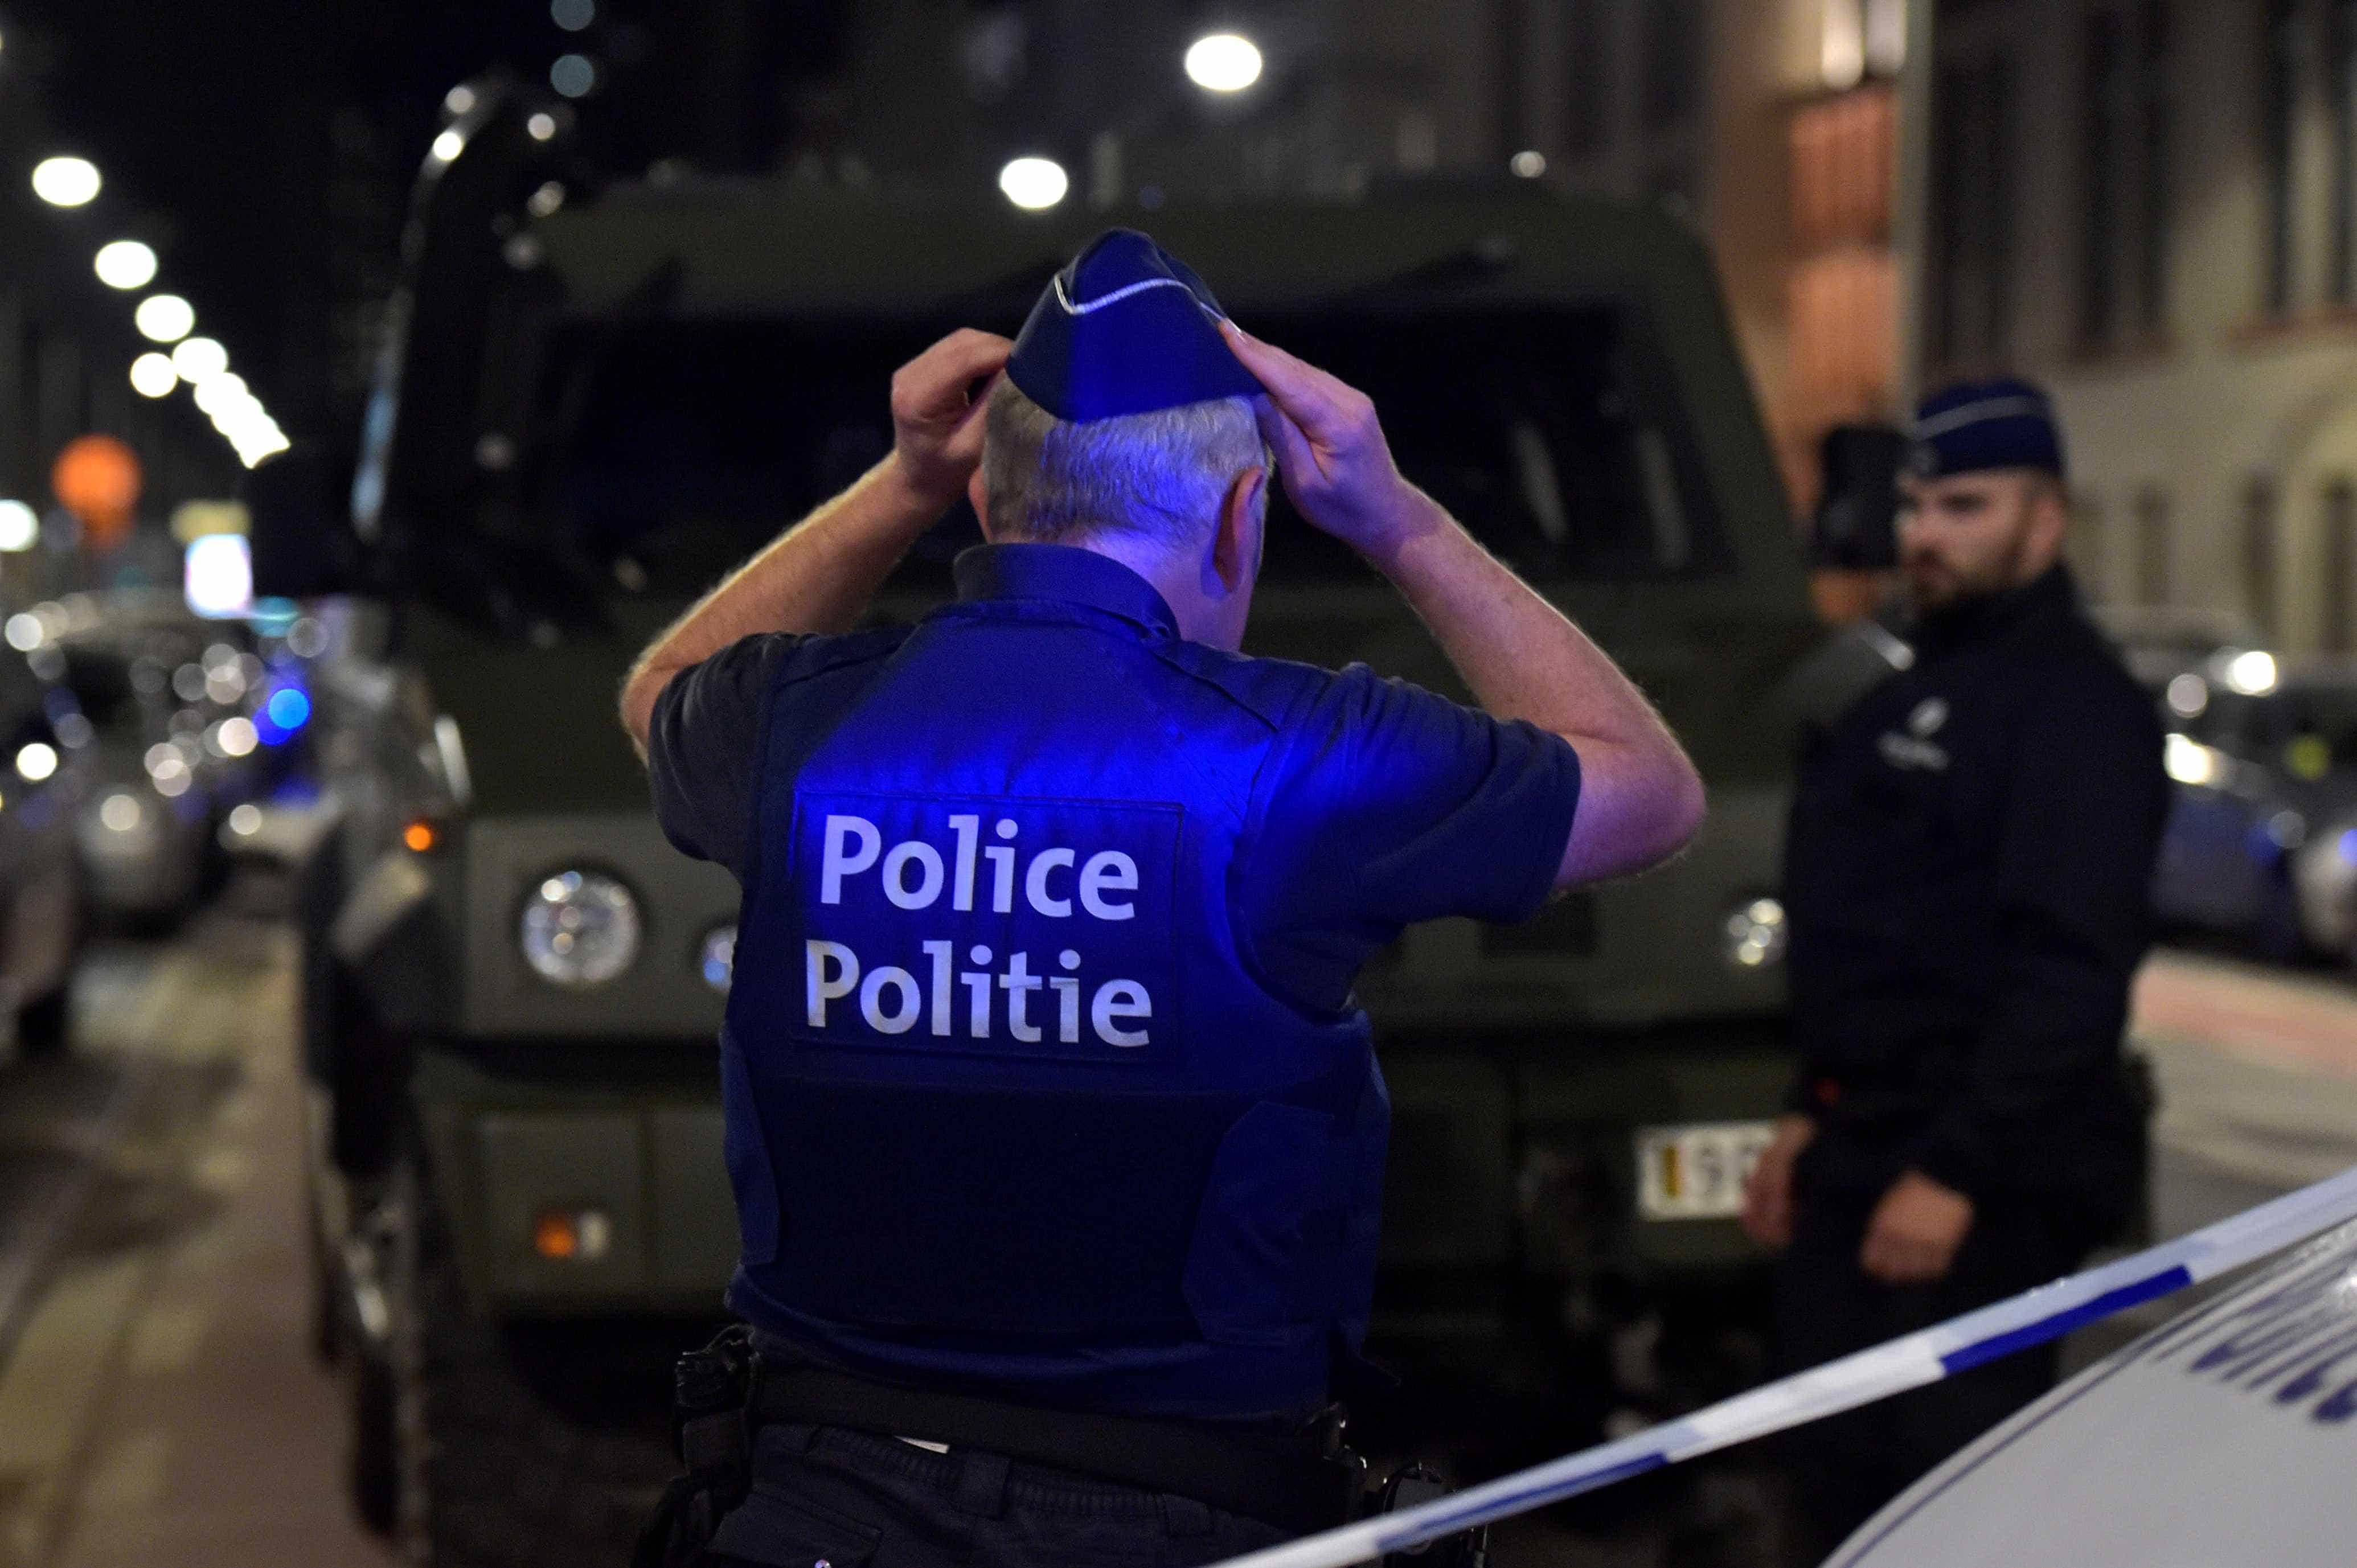 Bélgica analisa redução do nível de alerta terrorista em vigor desde 2015